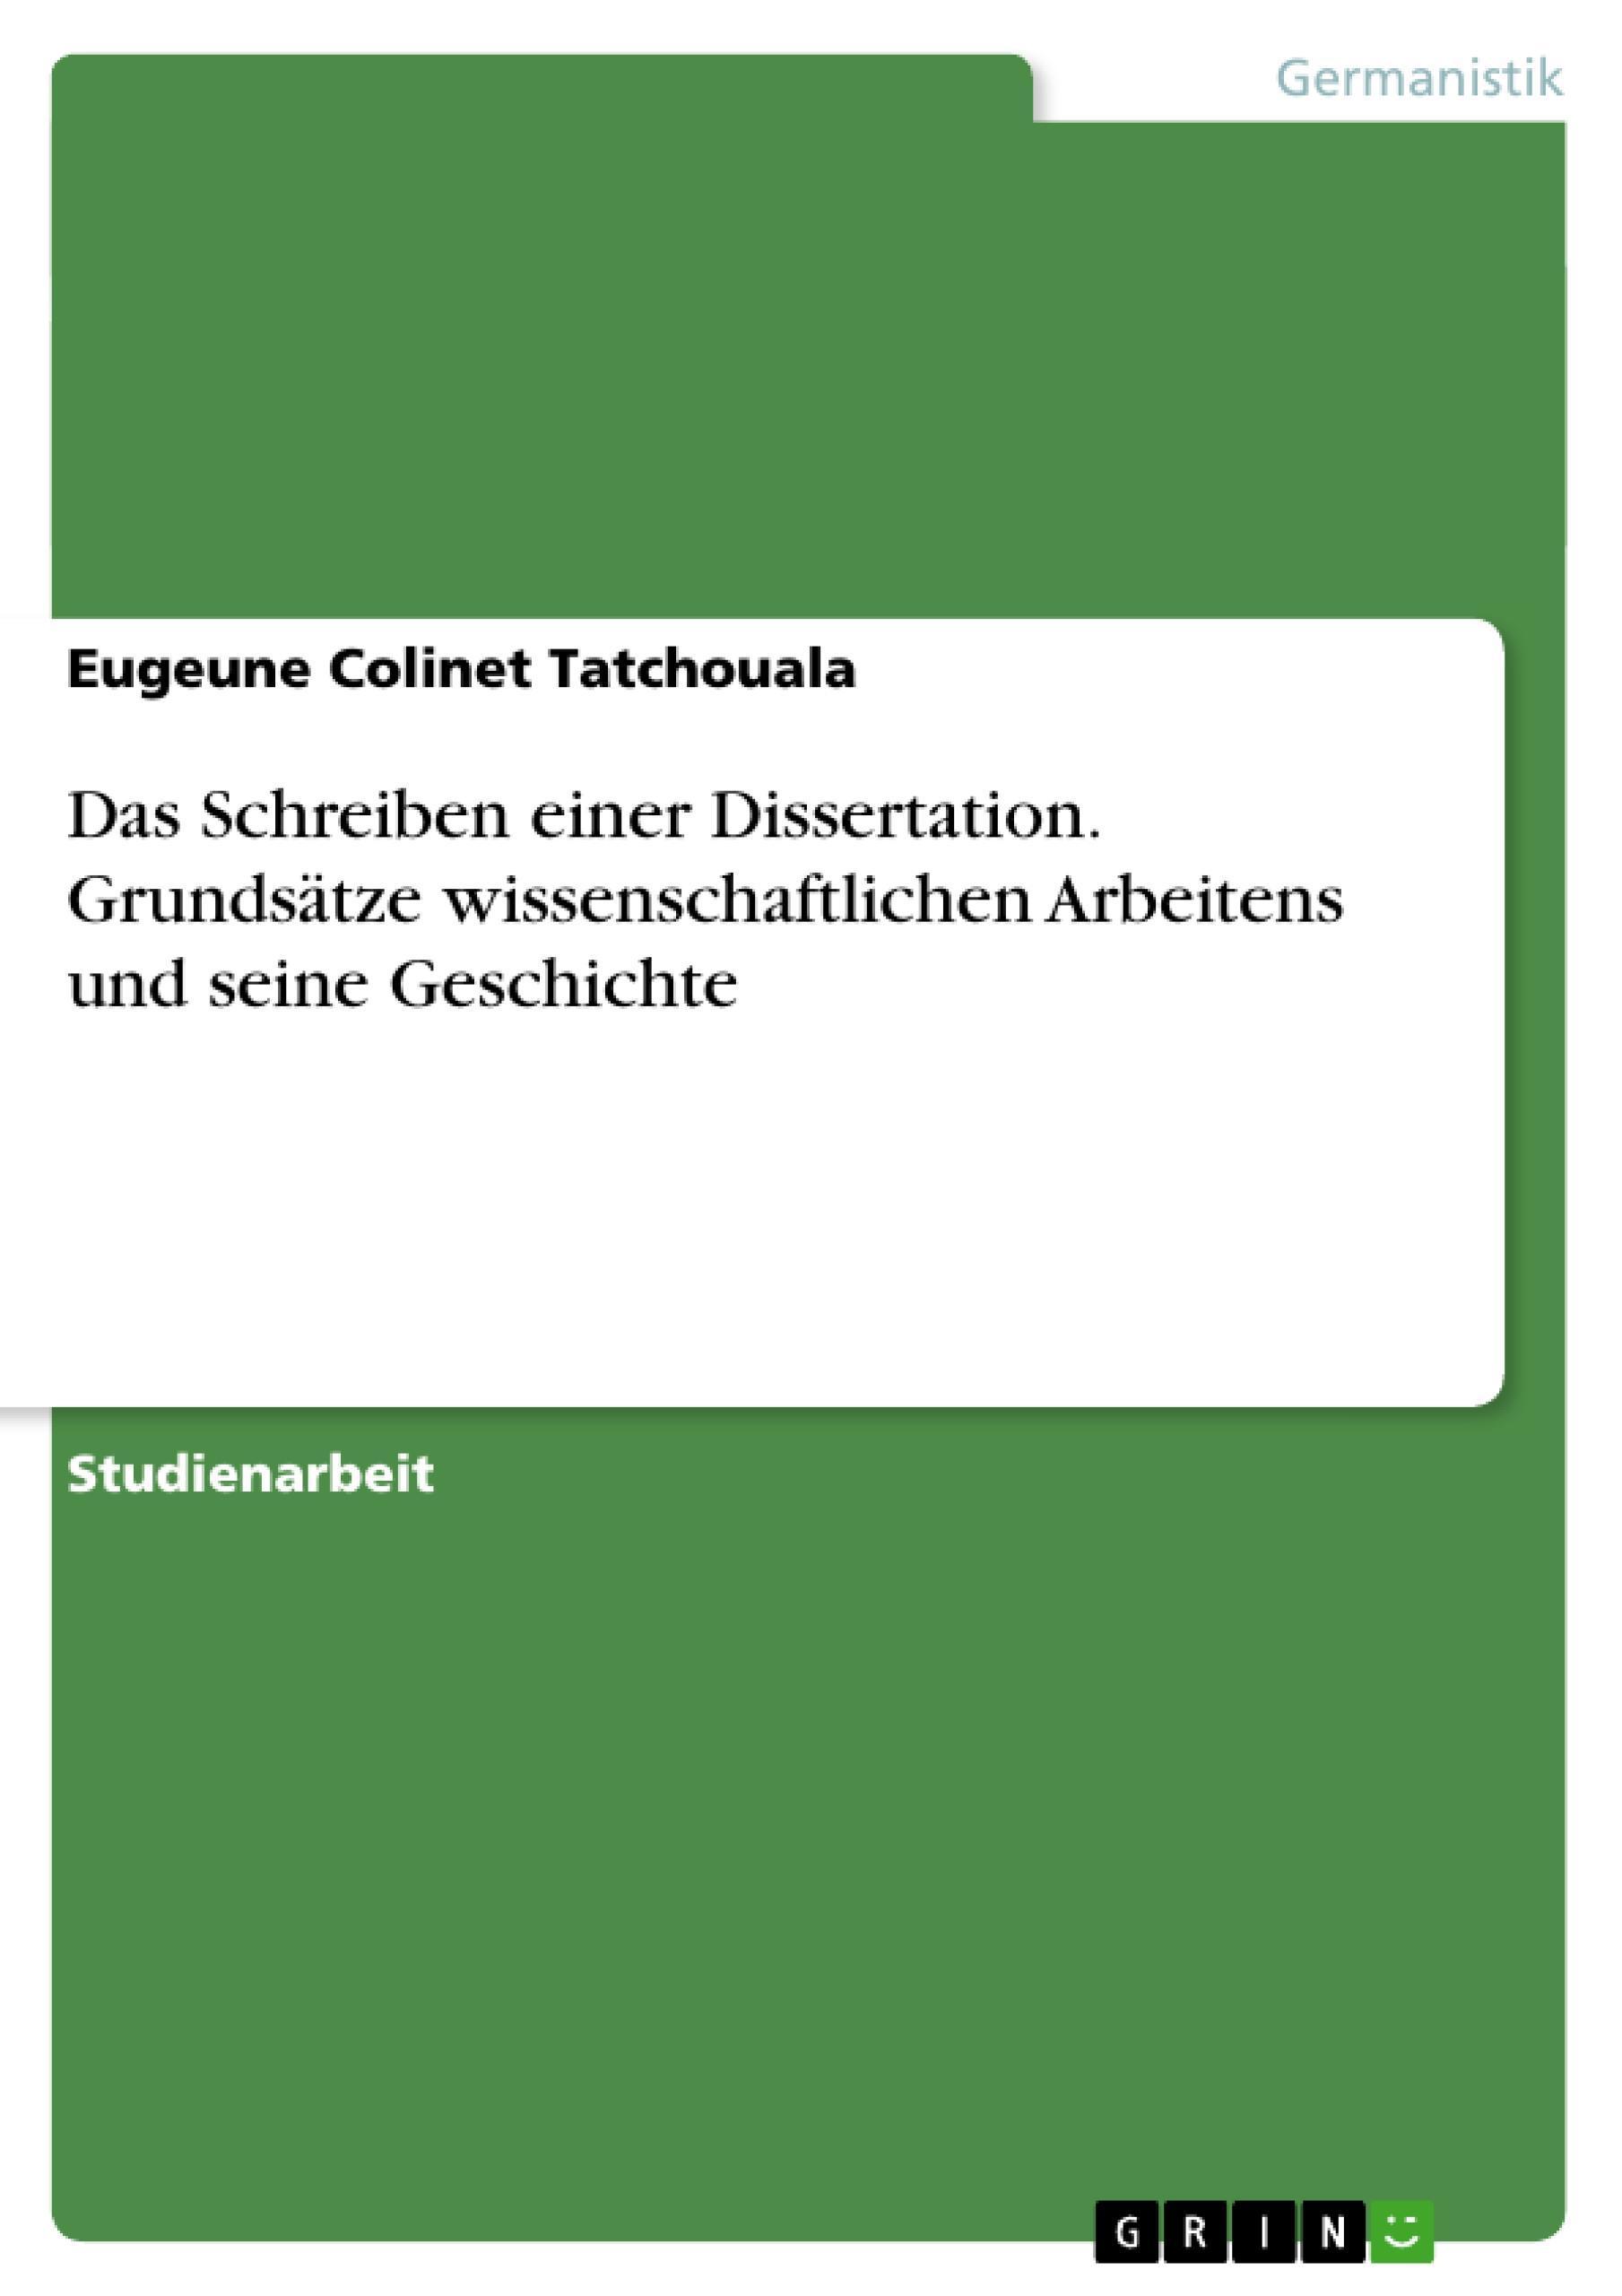 Das Schreiben einer Dissertation. Grundsätze wissenschaftlichen Arbeitens u ...